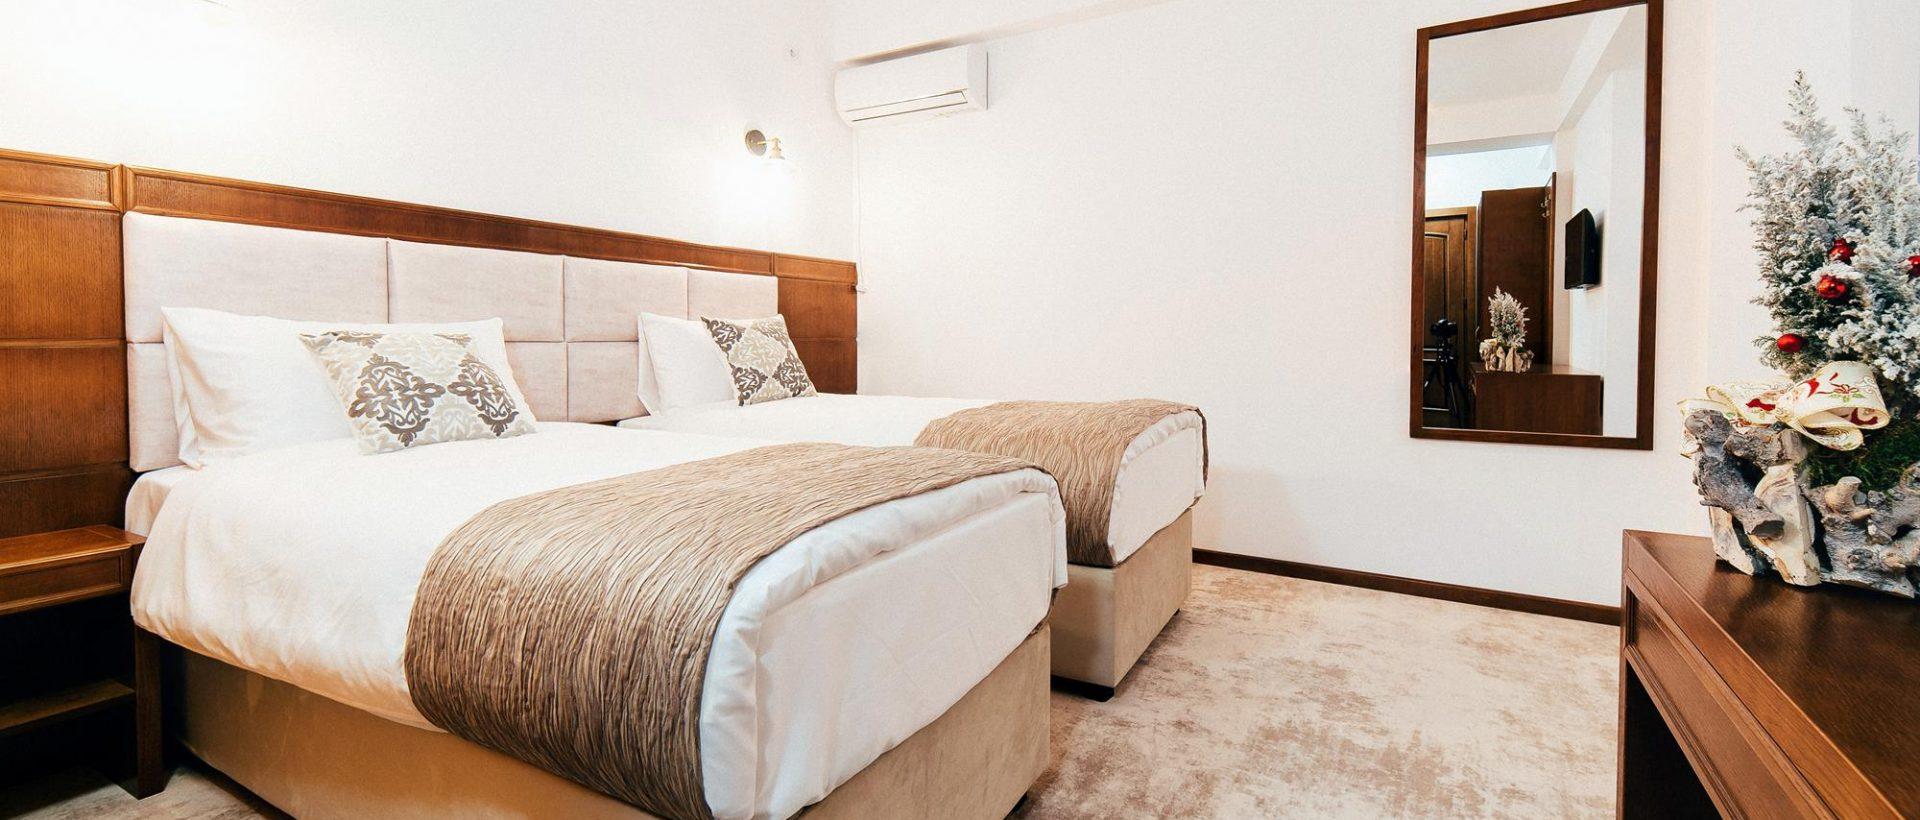 Hotel Buchenland - Slide 01